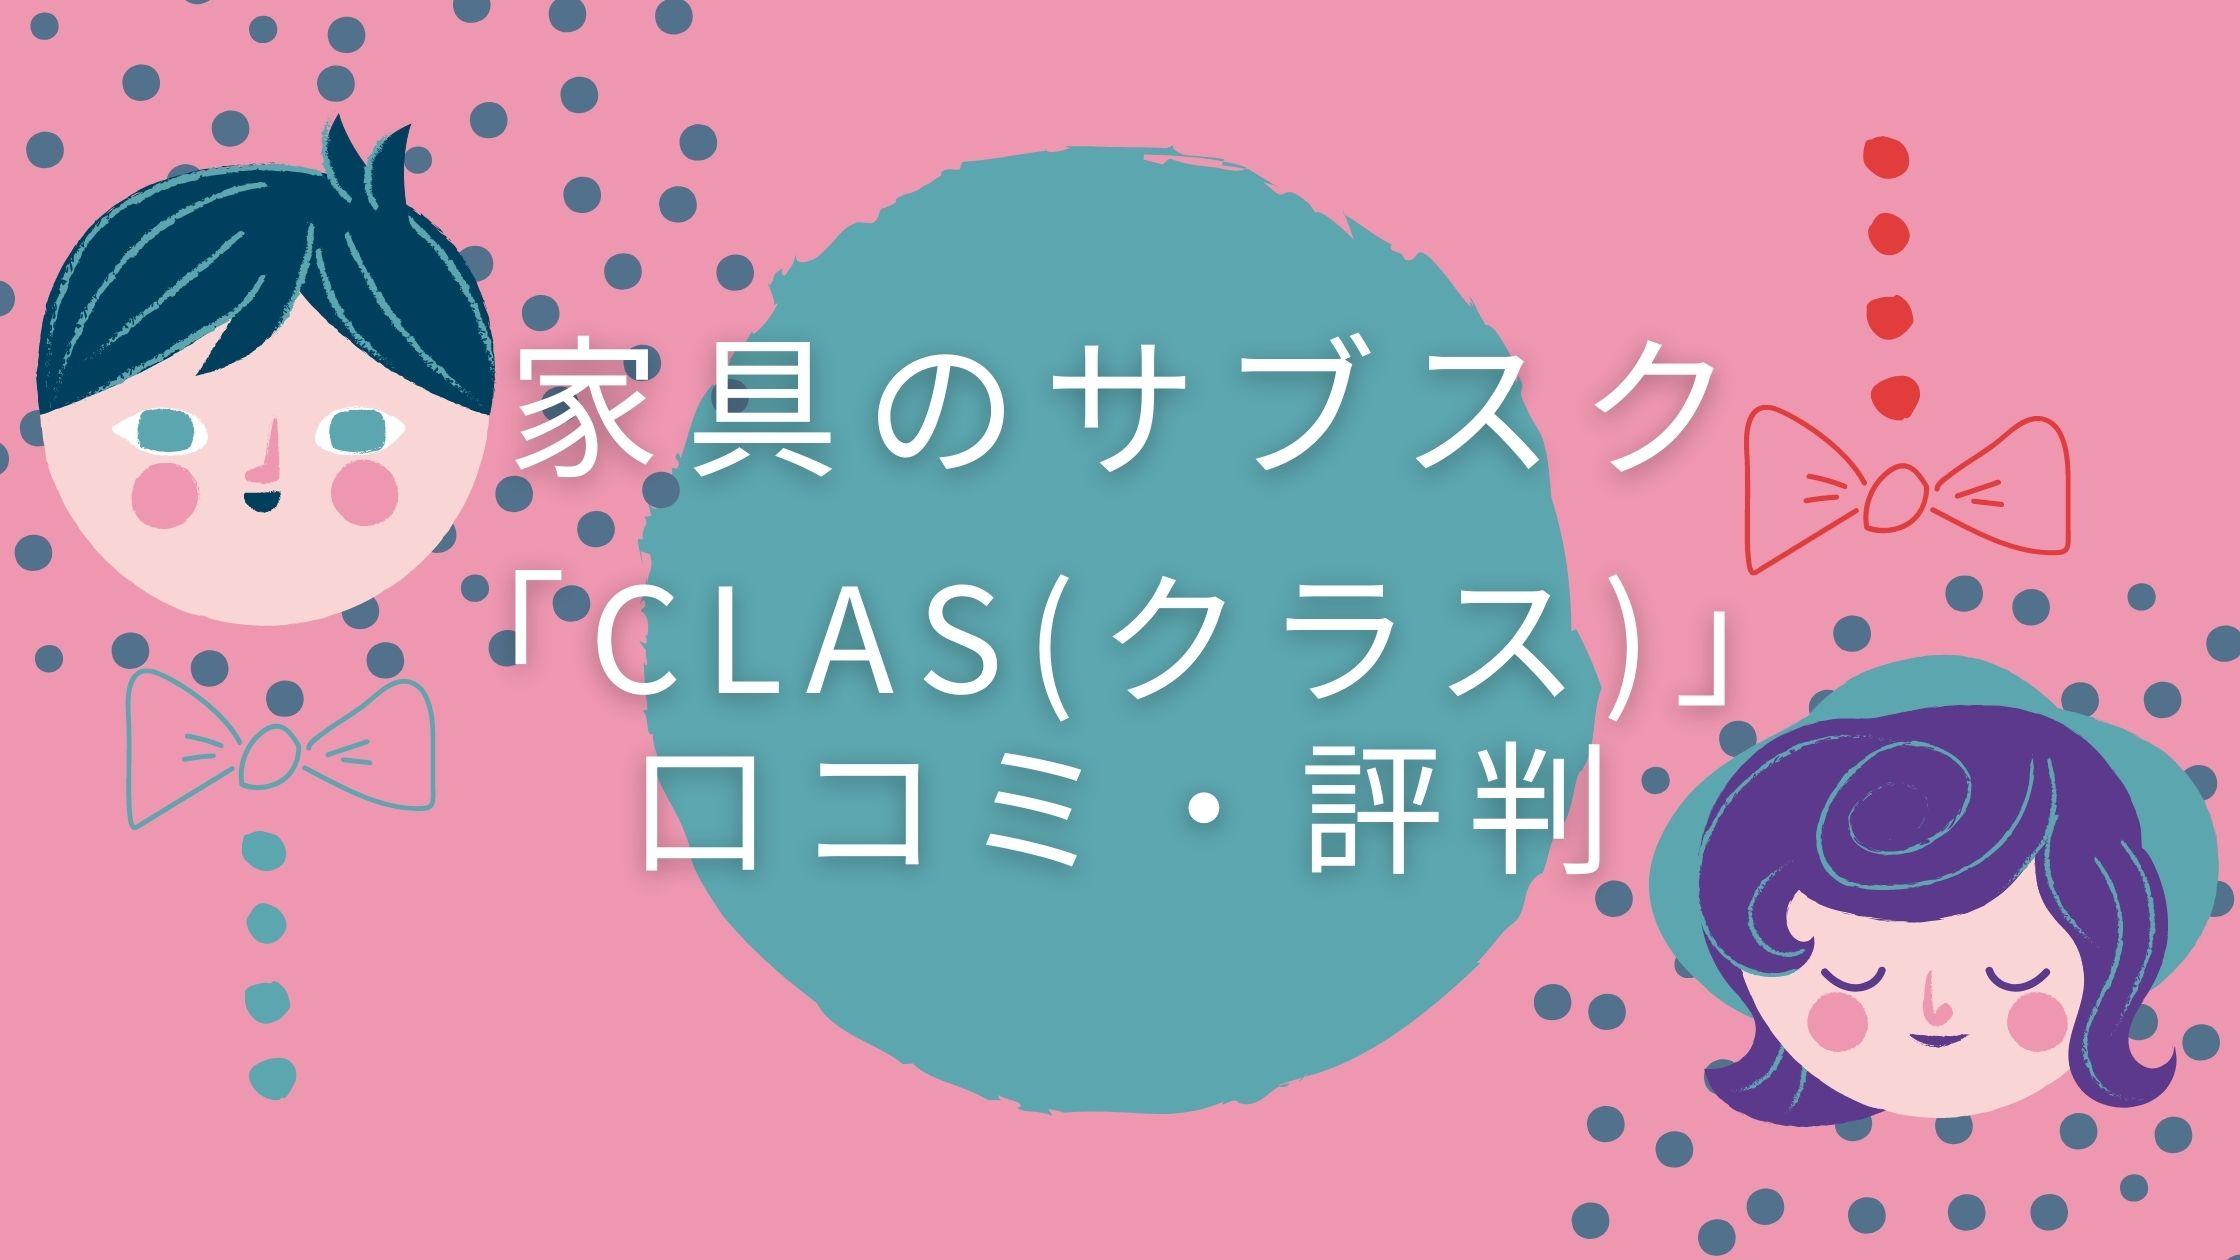 家具のサブスク「CLAS(クラス)」口コミ・評判